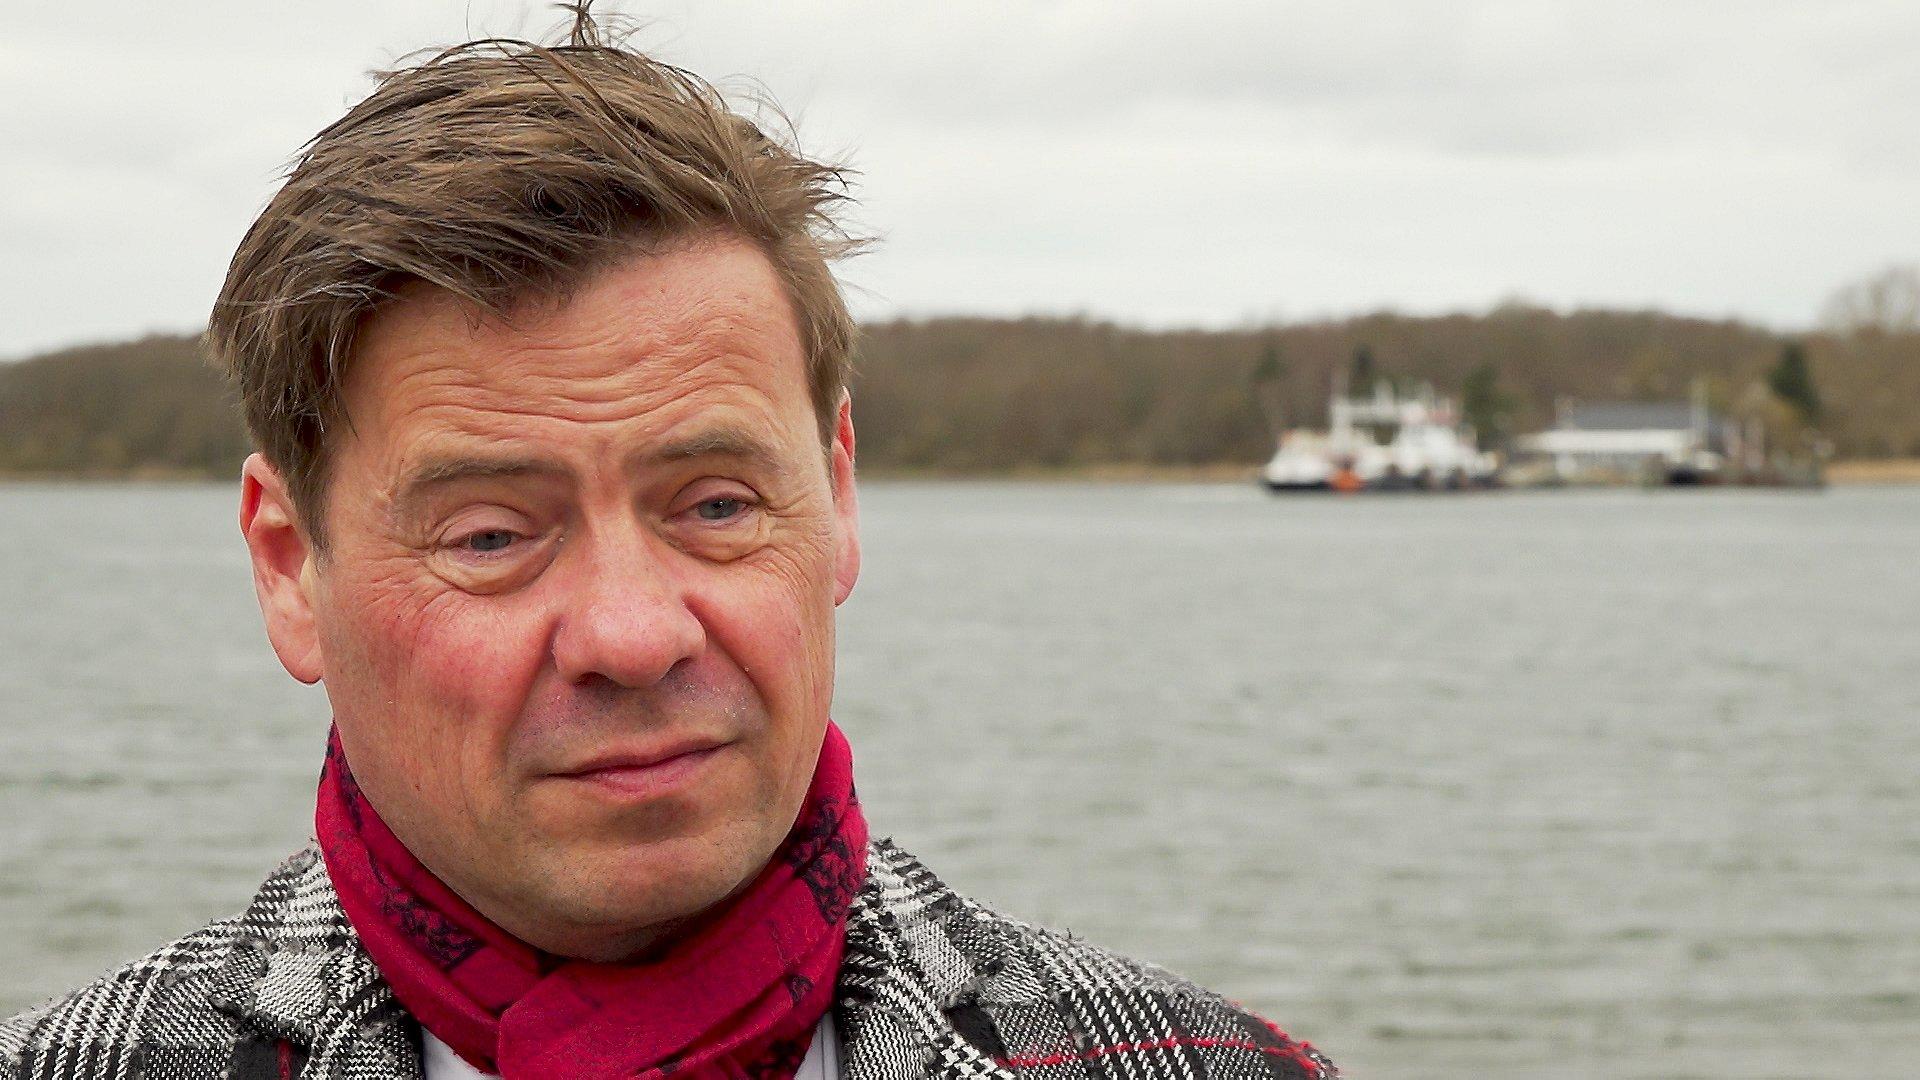 - Vi tager imod dem vi bliver pålagt af regeringen. Hvorvidt Danmark skal tage flere end dem, man allerede har aftalt, har jeg ingen holdning til, siger borgmester i Aalborg kommune (S), Thomas Kastrup-Larsen.